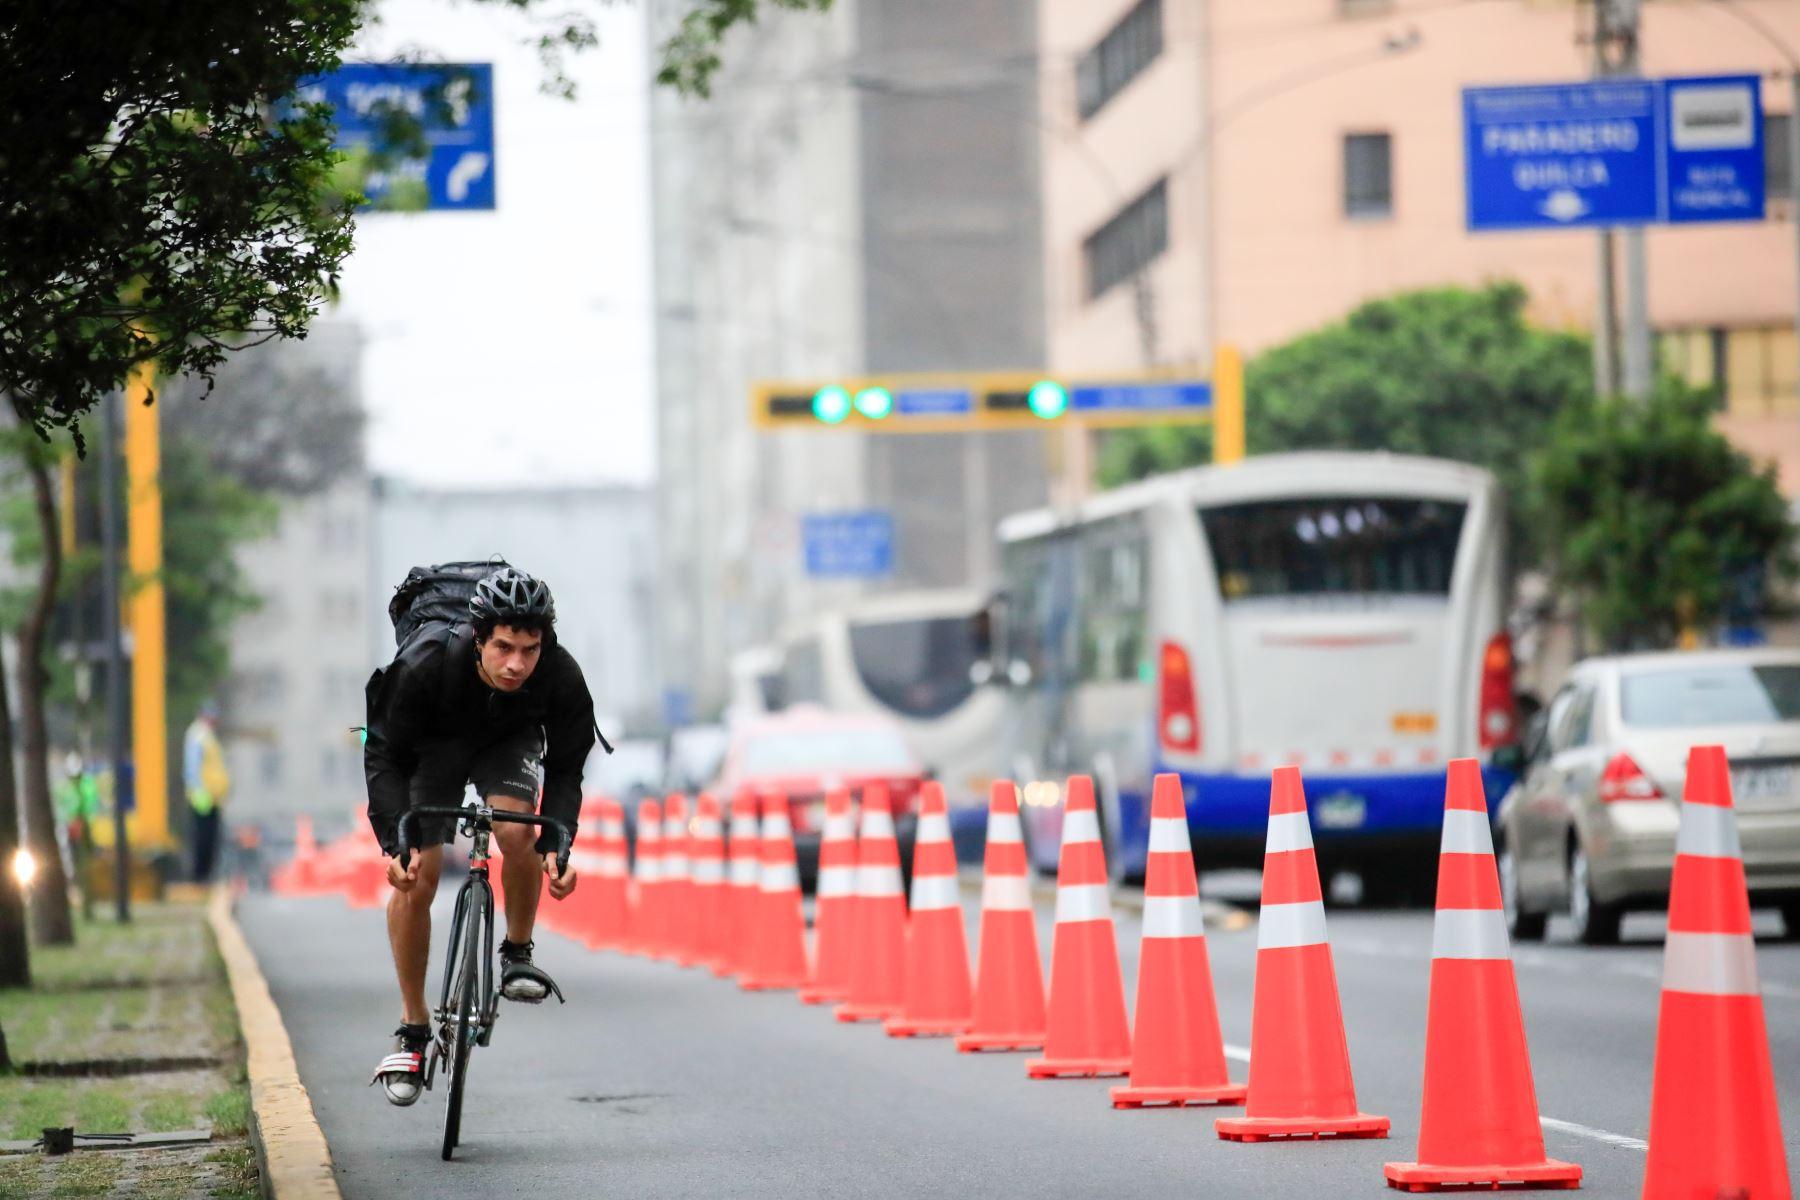 La Municipalidad de Lima activó un carril segregado para ciclistas en el corredor vial Tacna - Garcilaso de la Vega.  Foto: Andina/Juan Carlos Guzmán Negrini